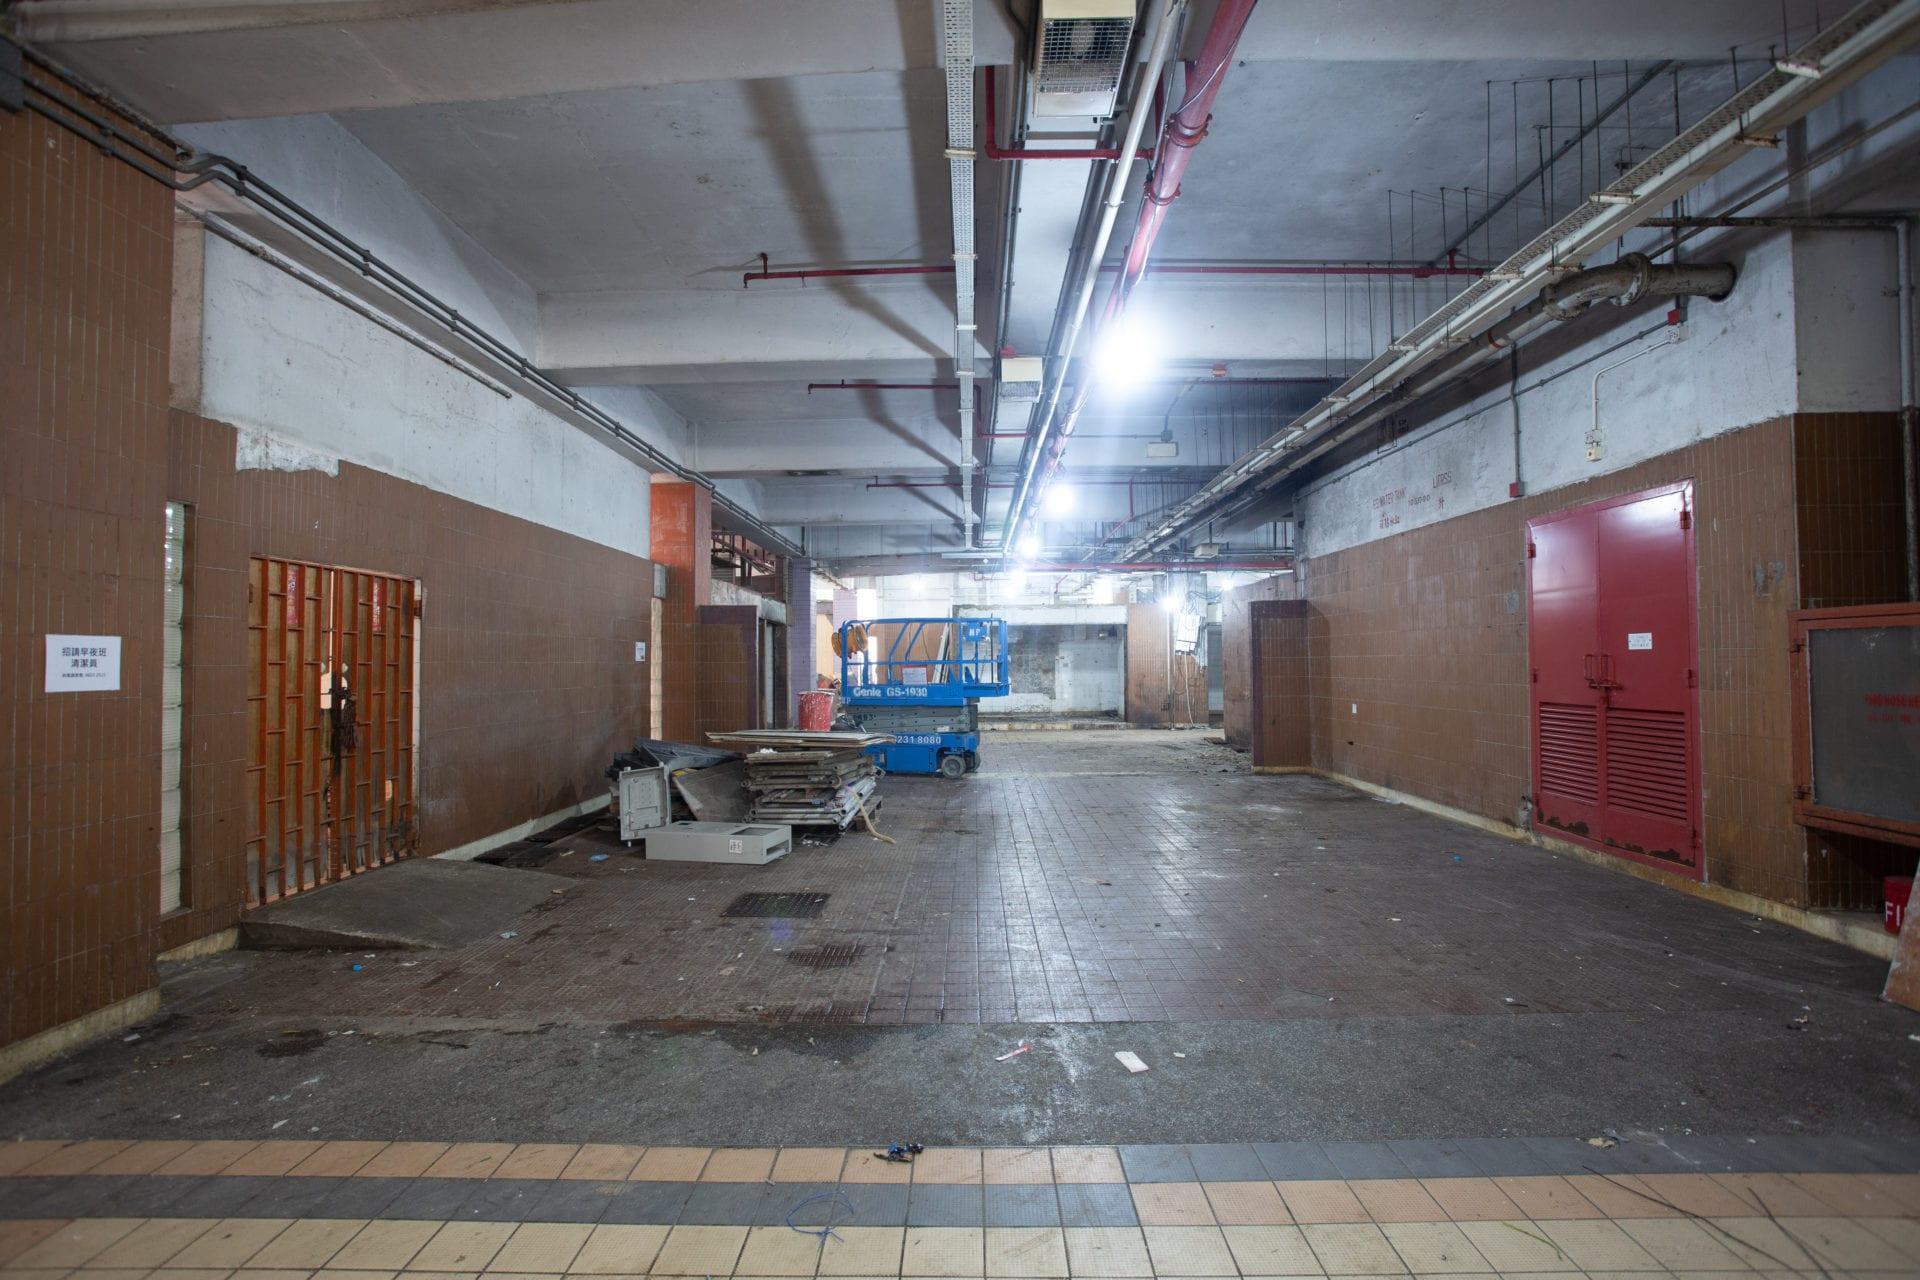 Before-wet market interior